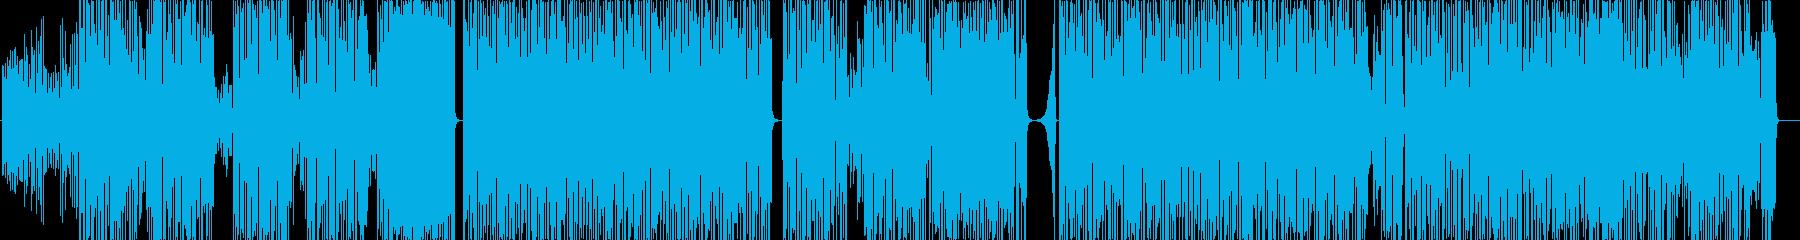 エレクトロファンク。の再生済みの波形